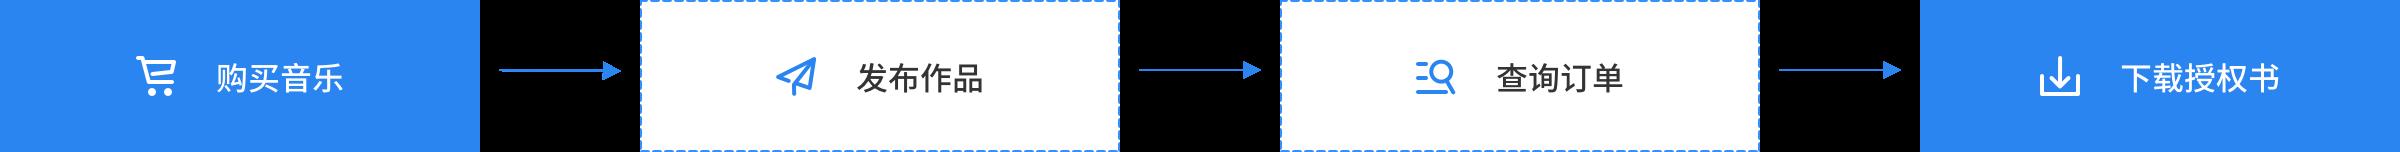 音乐API解决方案